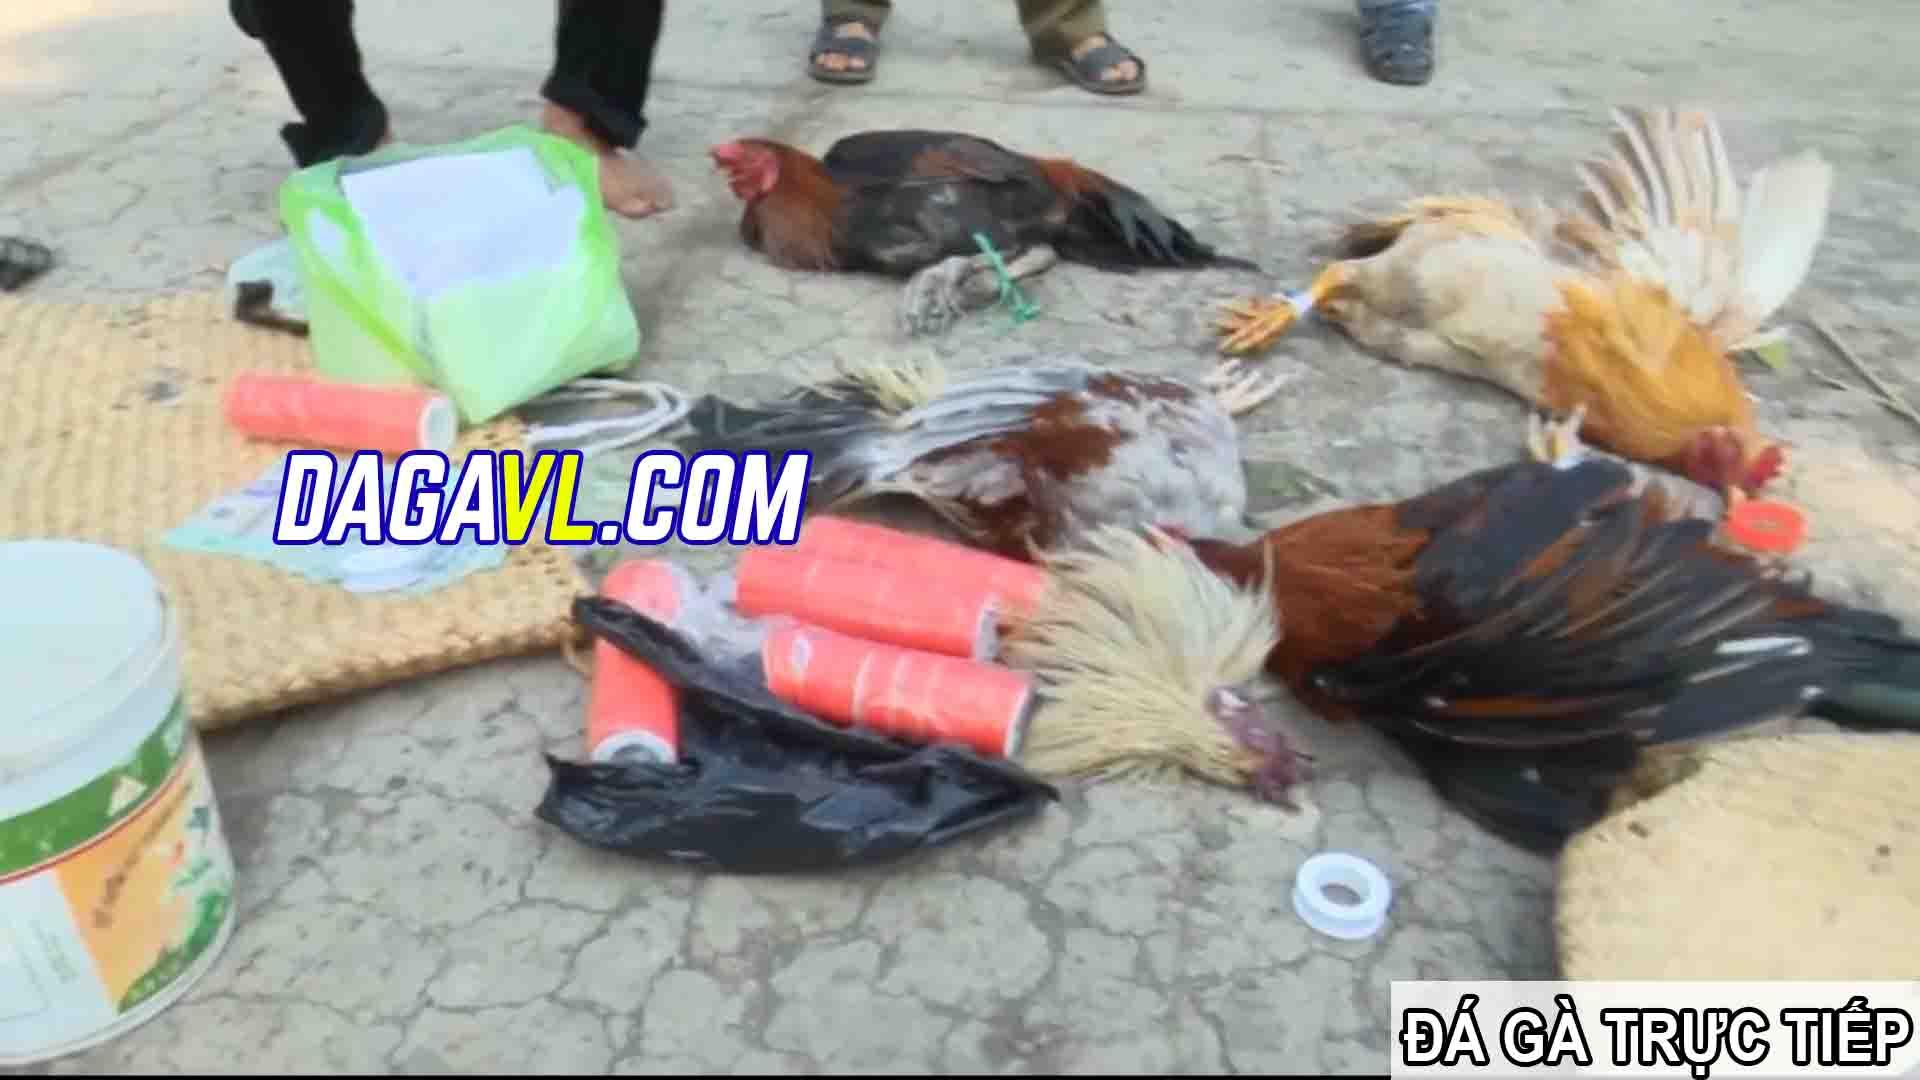 DAGAVL.COM - đá gà trực tiếp. Tang vật bắt 27 đối tượng đá gà ăn tiền tại Bà Rinh